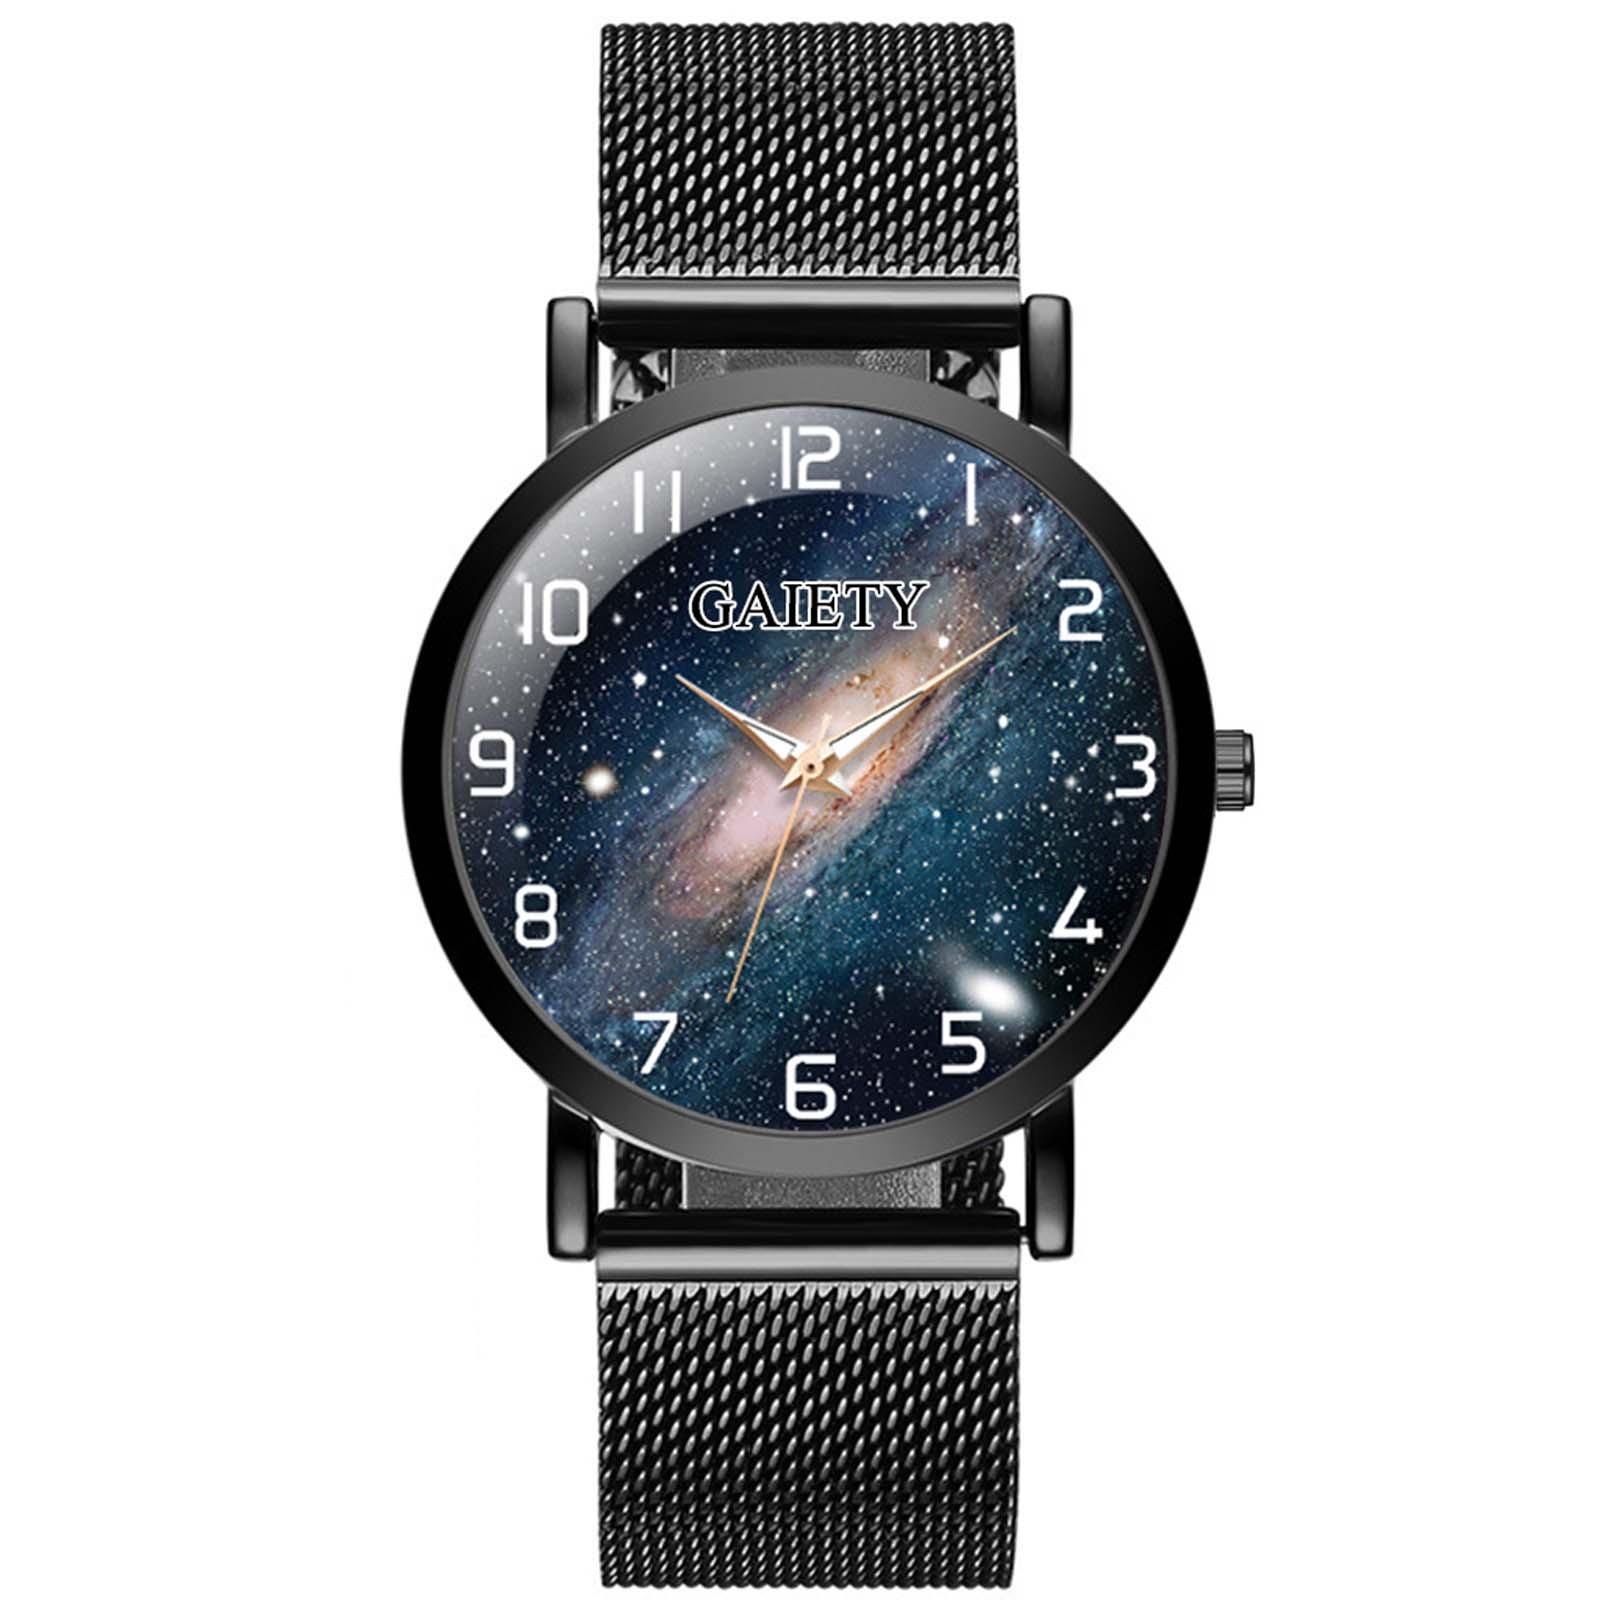 Luxury Distinguished Waterproof Lady Stainless Steel Mesh Belt Watch Analog Universe Quartz Watch часы женские наручные умные часы huawei watch steel mesh mesh серебряная сталь 42mm